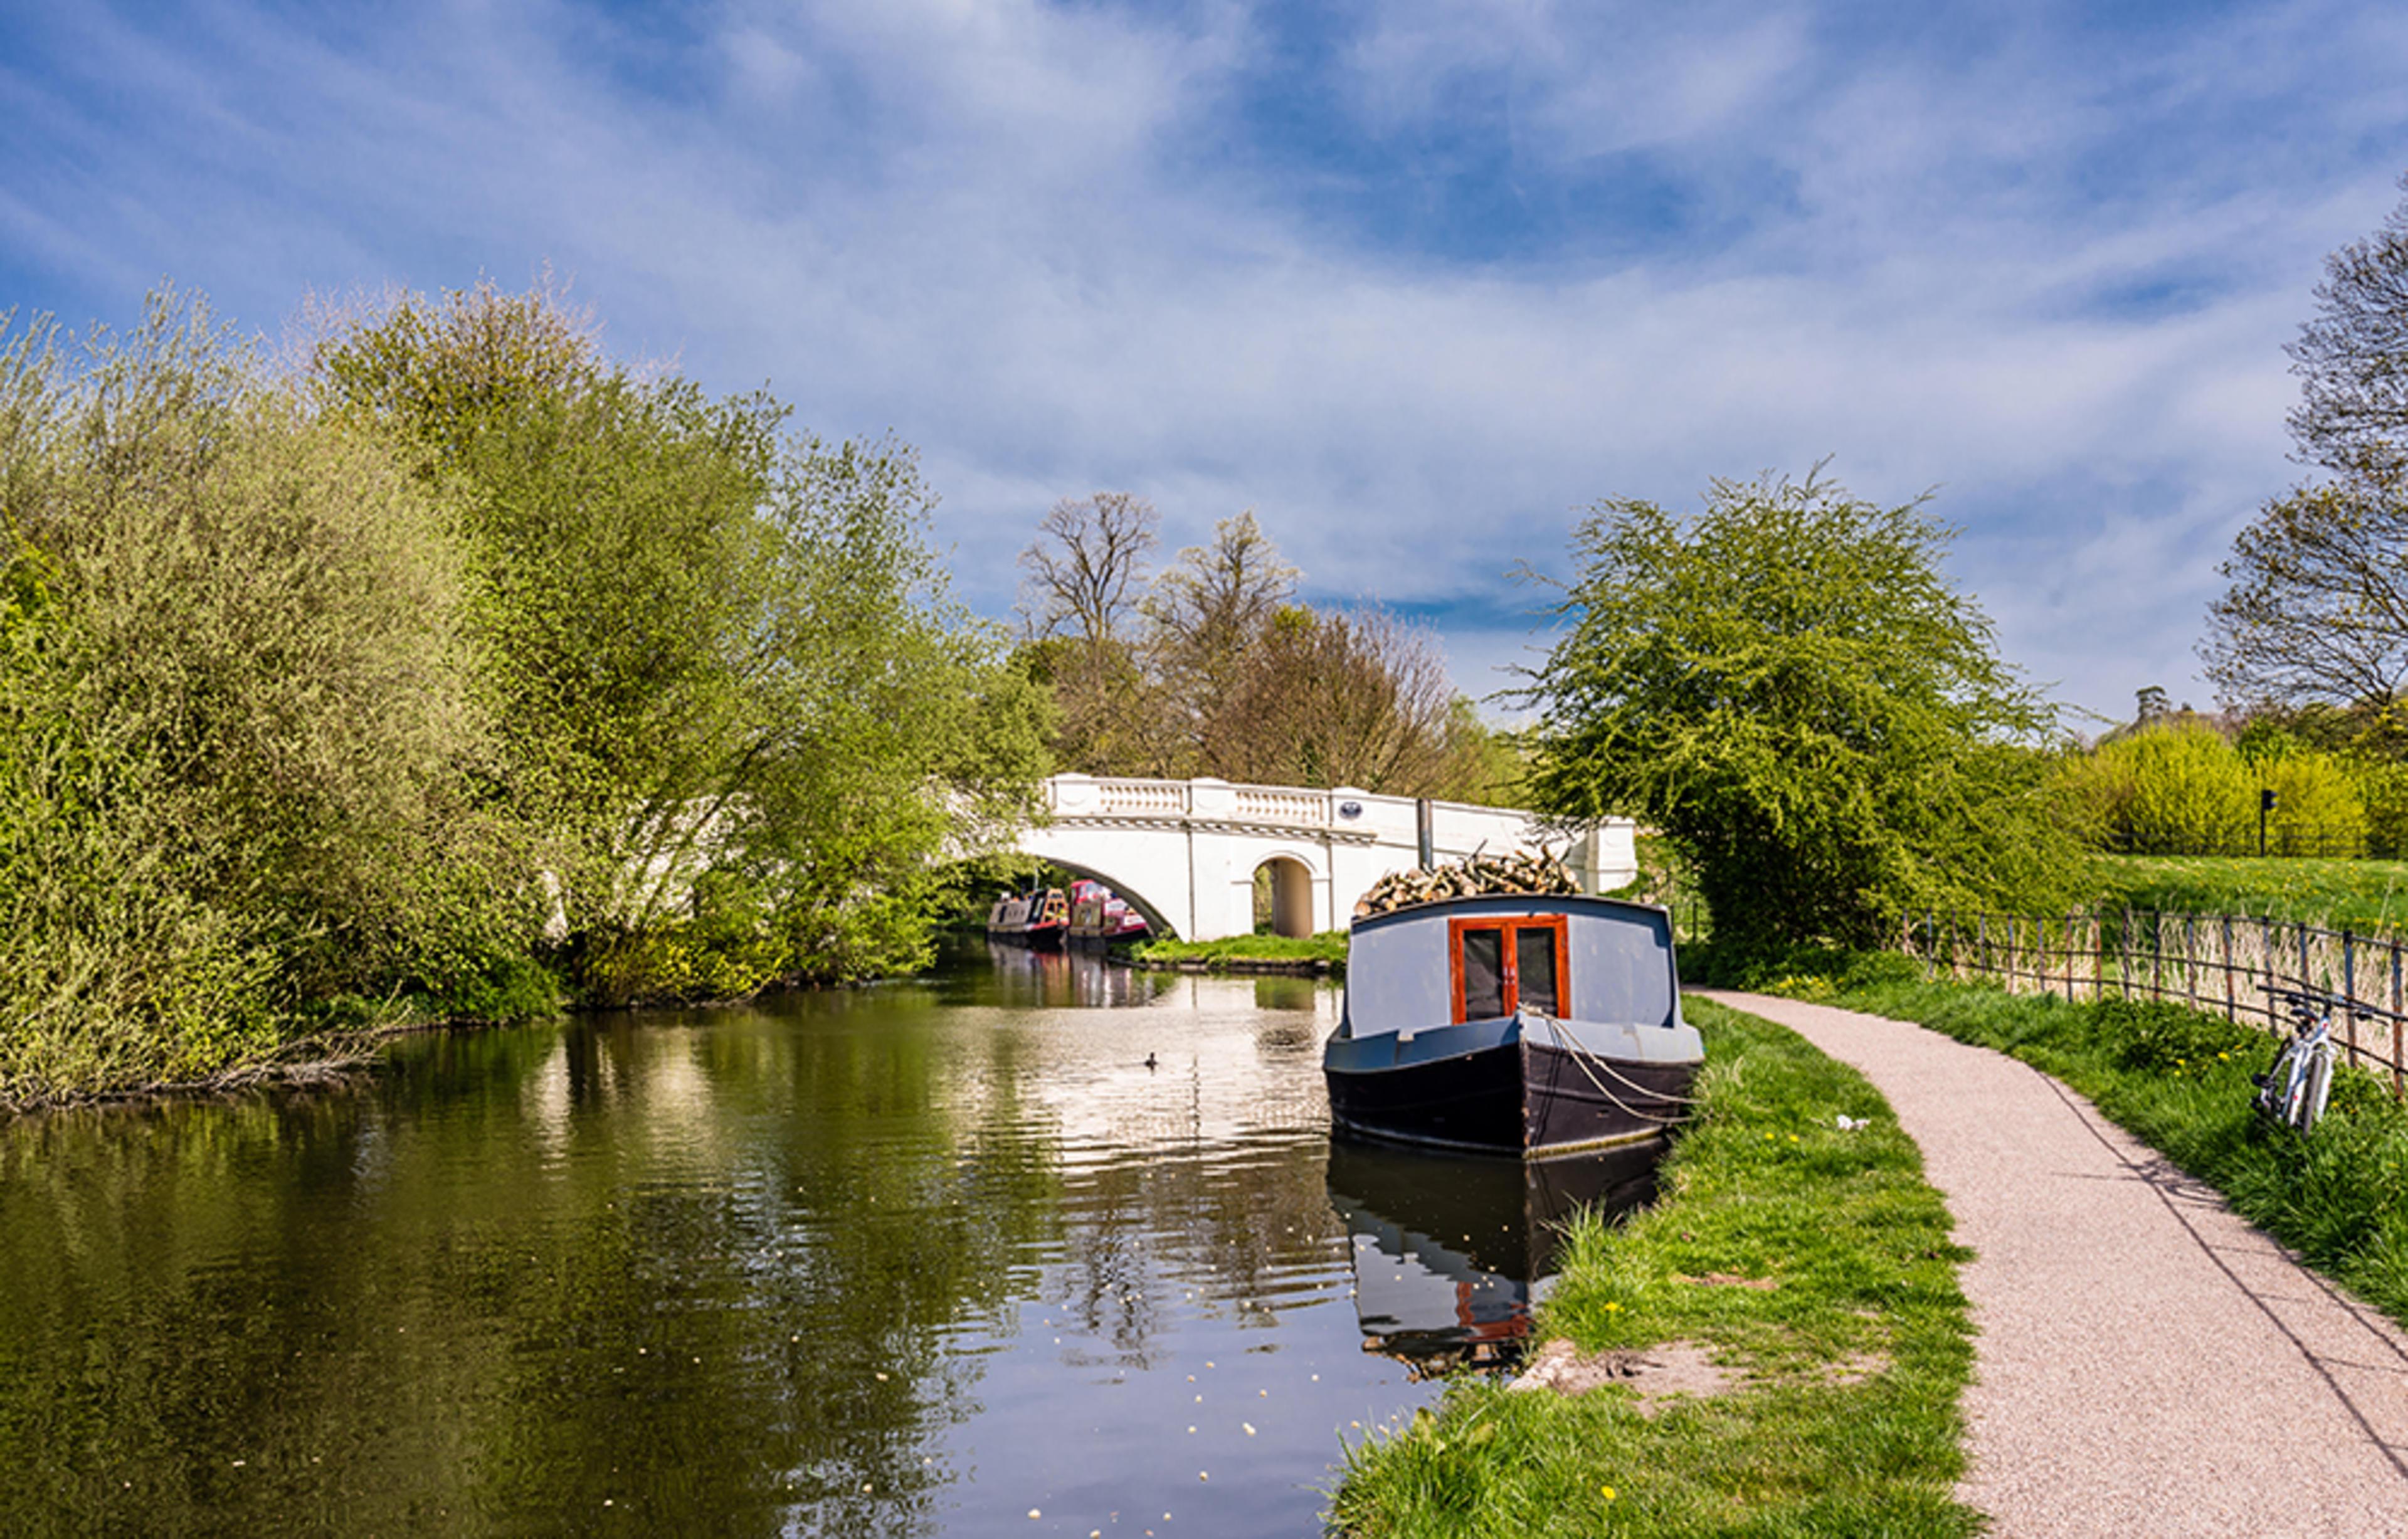 union-park-hillingdon-development-canal-1